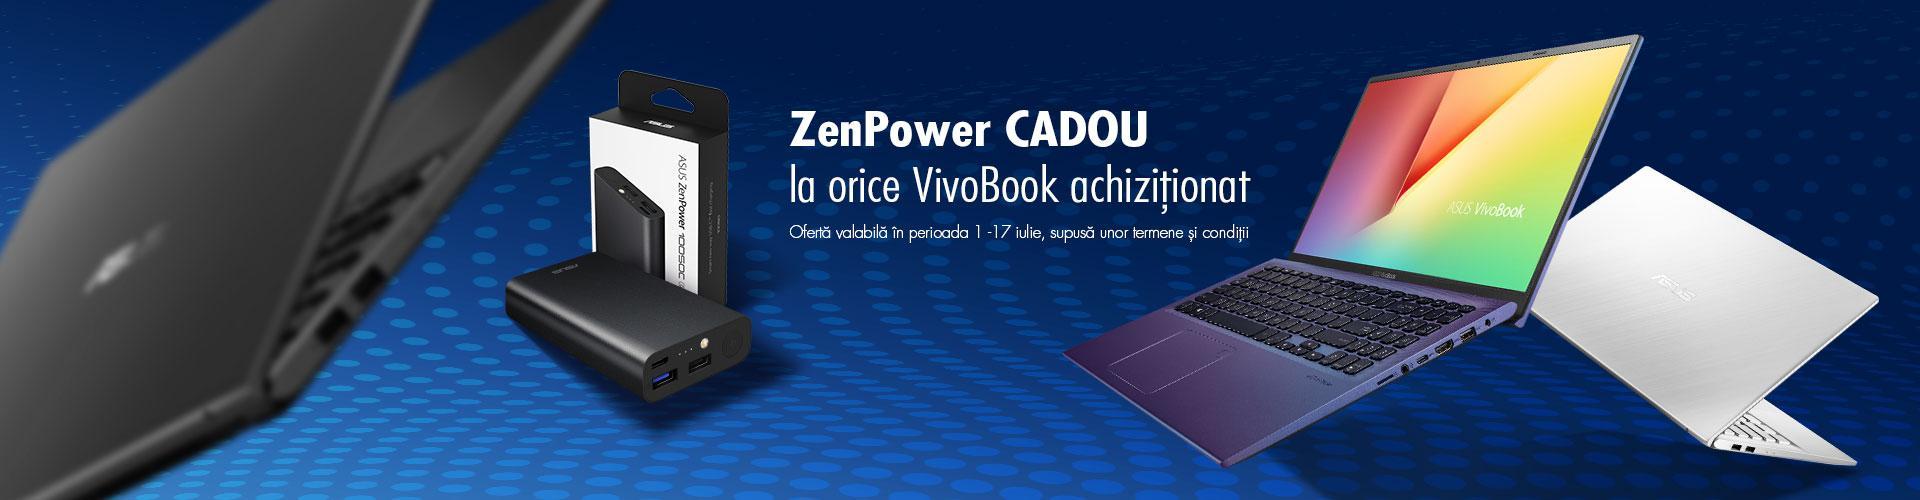 VivoBook + ZenPower - 01-17 iulie